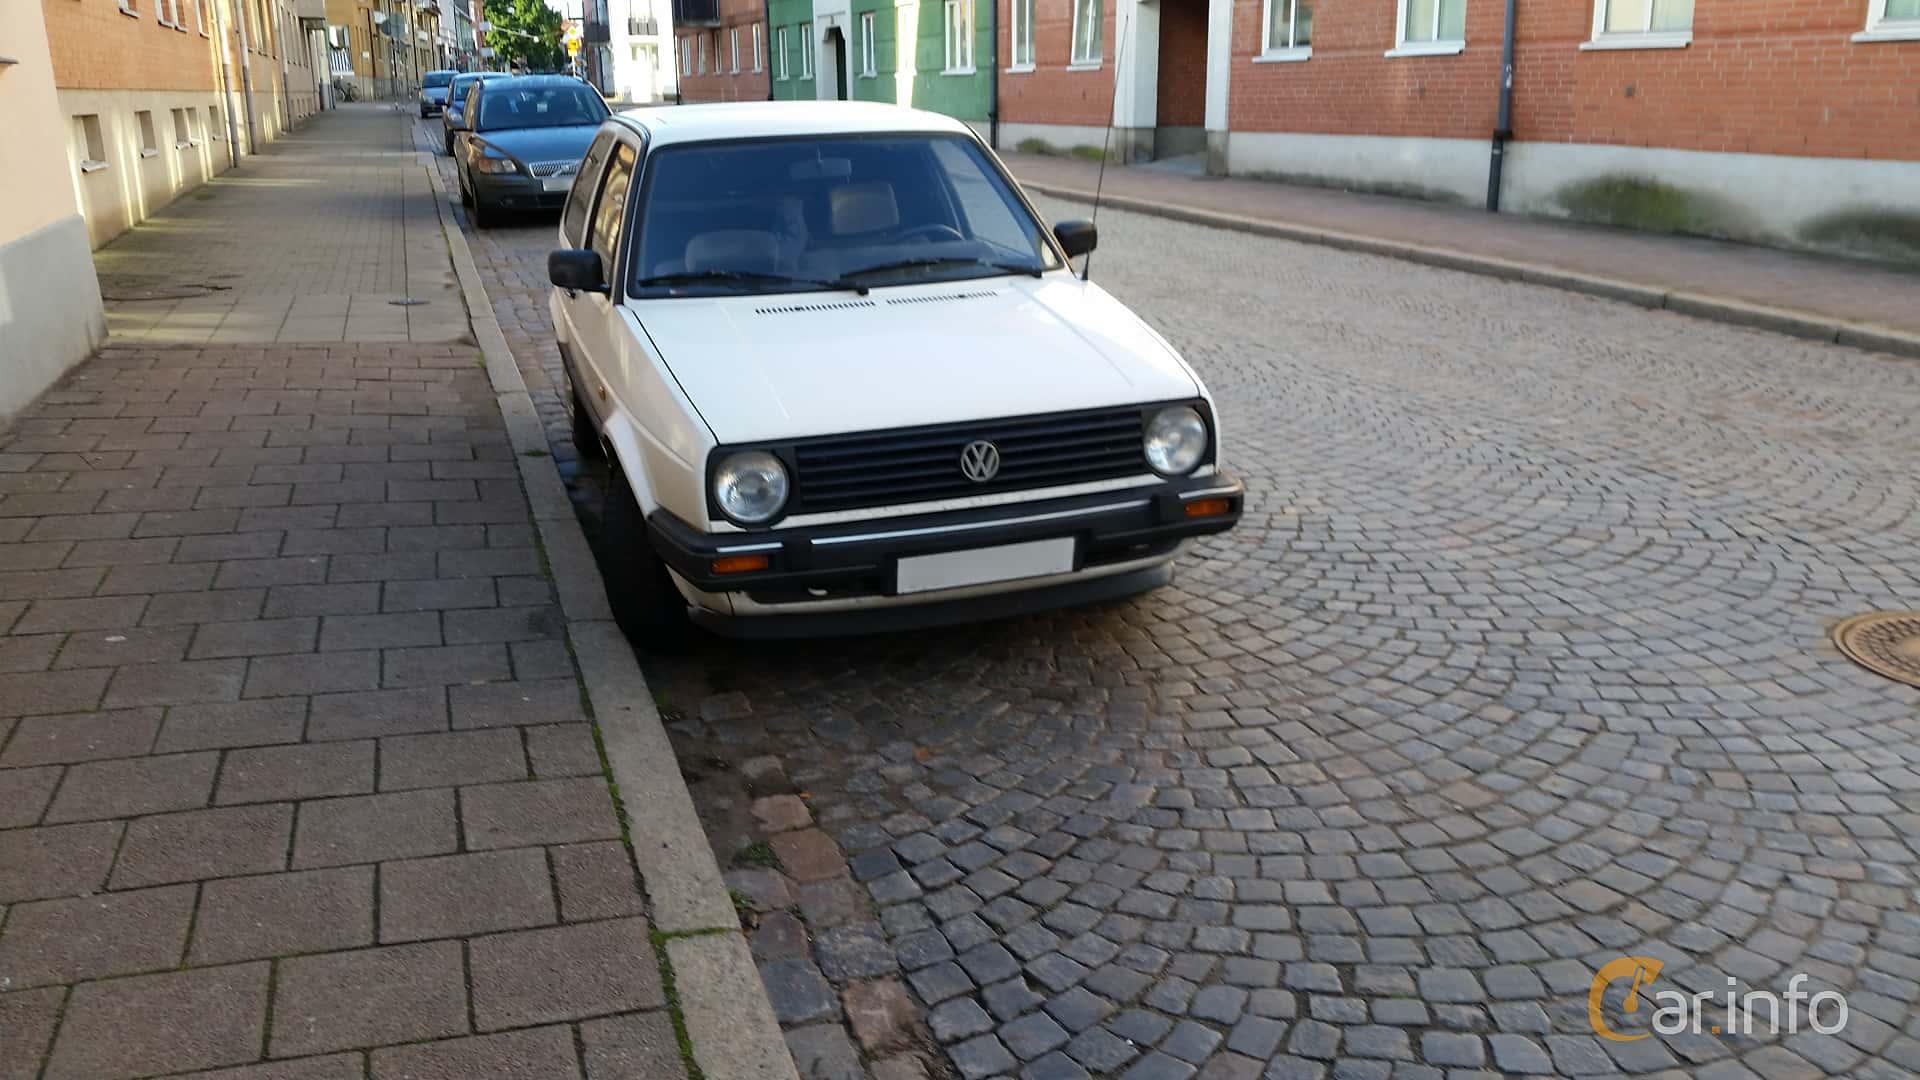 3 images of volkswagen golf 3 door 1 8 manual 90hp 1989 by jonasbonde rh car info 1990 Golf 1975 Golf